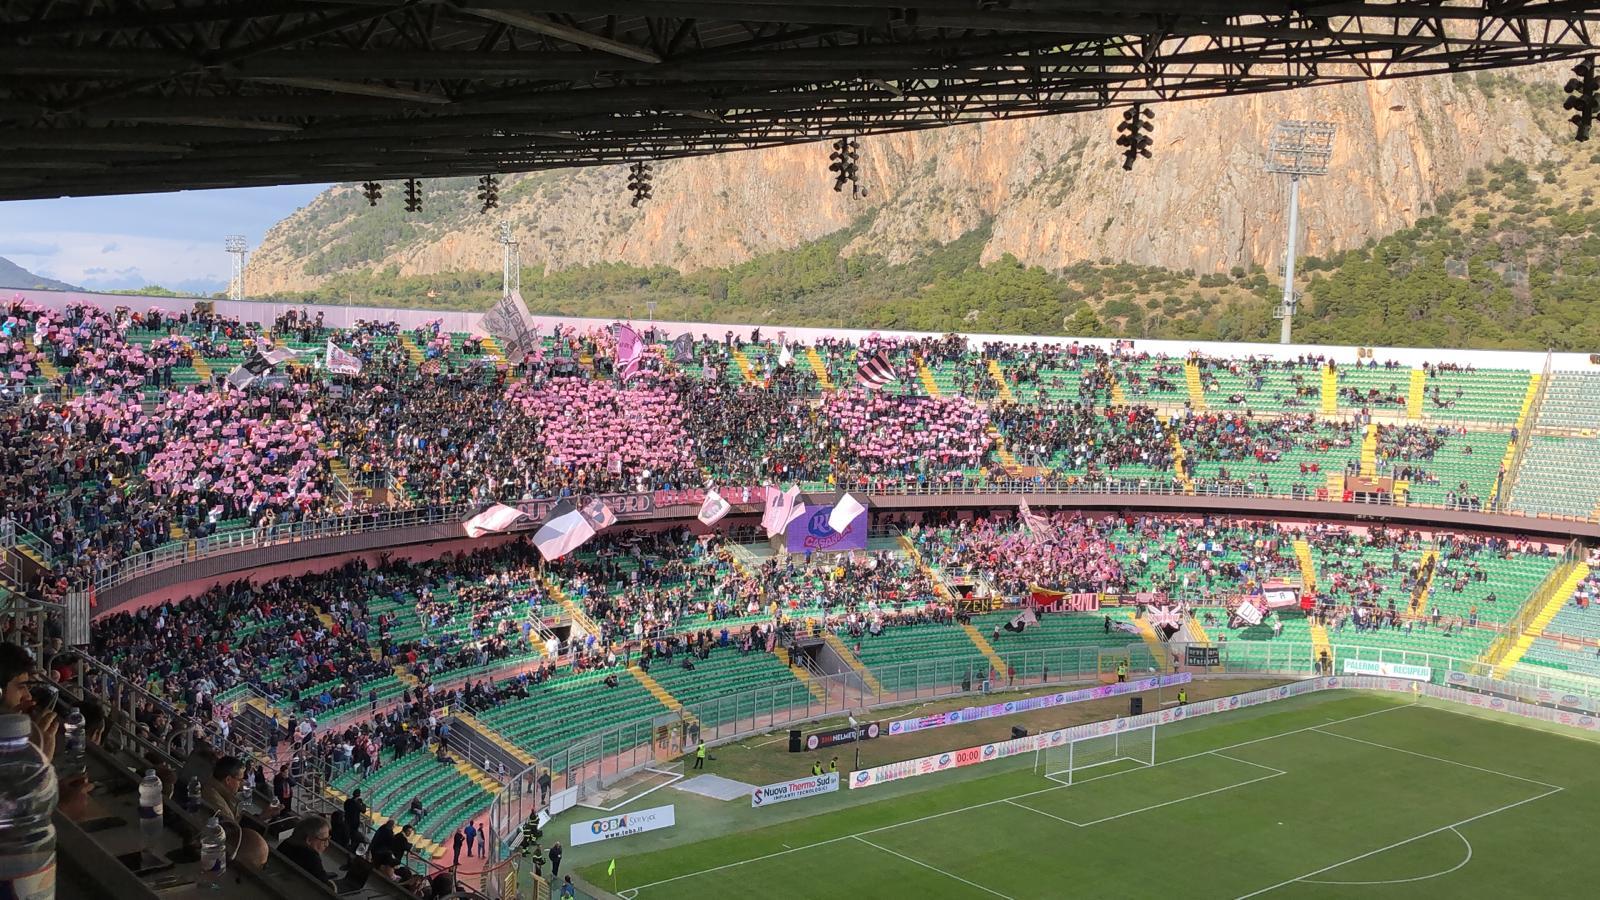 """Ancora una buona risposta di pubblico Renzo Barbera per Palermo – Savoia: allo stadio è di 17.049 il dato degli spettatori paganti (di cui oltre un centinaio di tifosi del Savoia in arrivo dalla Campania ed entrati circa mezz'ora dopo il fischio d'inizio). Il primato stagionale di spettatori paganti al Barbera resta alla sfida fra Palermo e Licata,19.726 paganti(di cui circa 1500 provenienti da Licata). LEGGI ANCHE LA CRONACA DEL MATCH SERIE D, GIRONE I: I RISULTATI DELL'11a GIORNATA IL """"PALLONE"""" DEL BARBERA DIVENTA PALAZZETTO"""